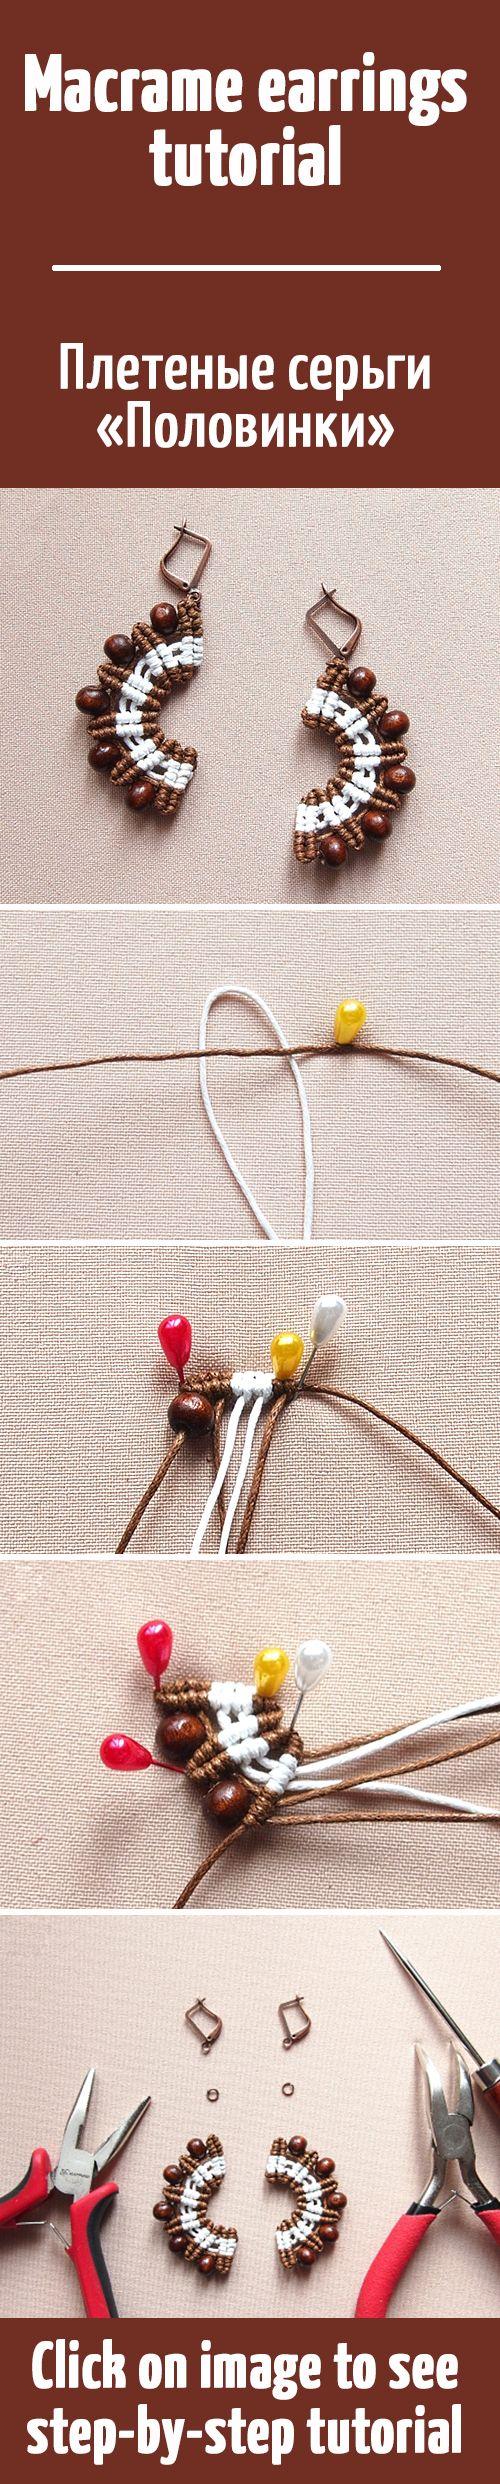 Плетеные серьги в технике макраме «Половинки» / Macrame earrings tutorial #diy…